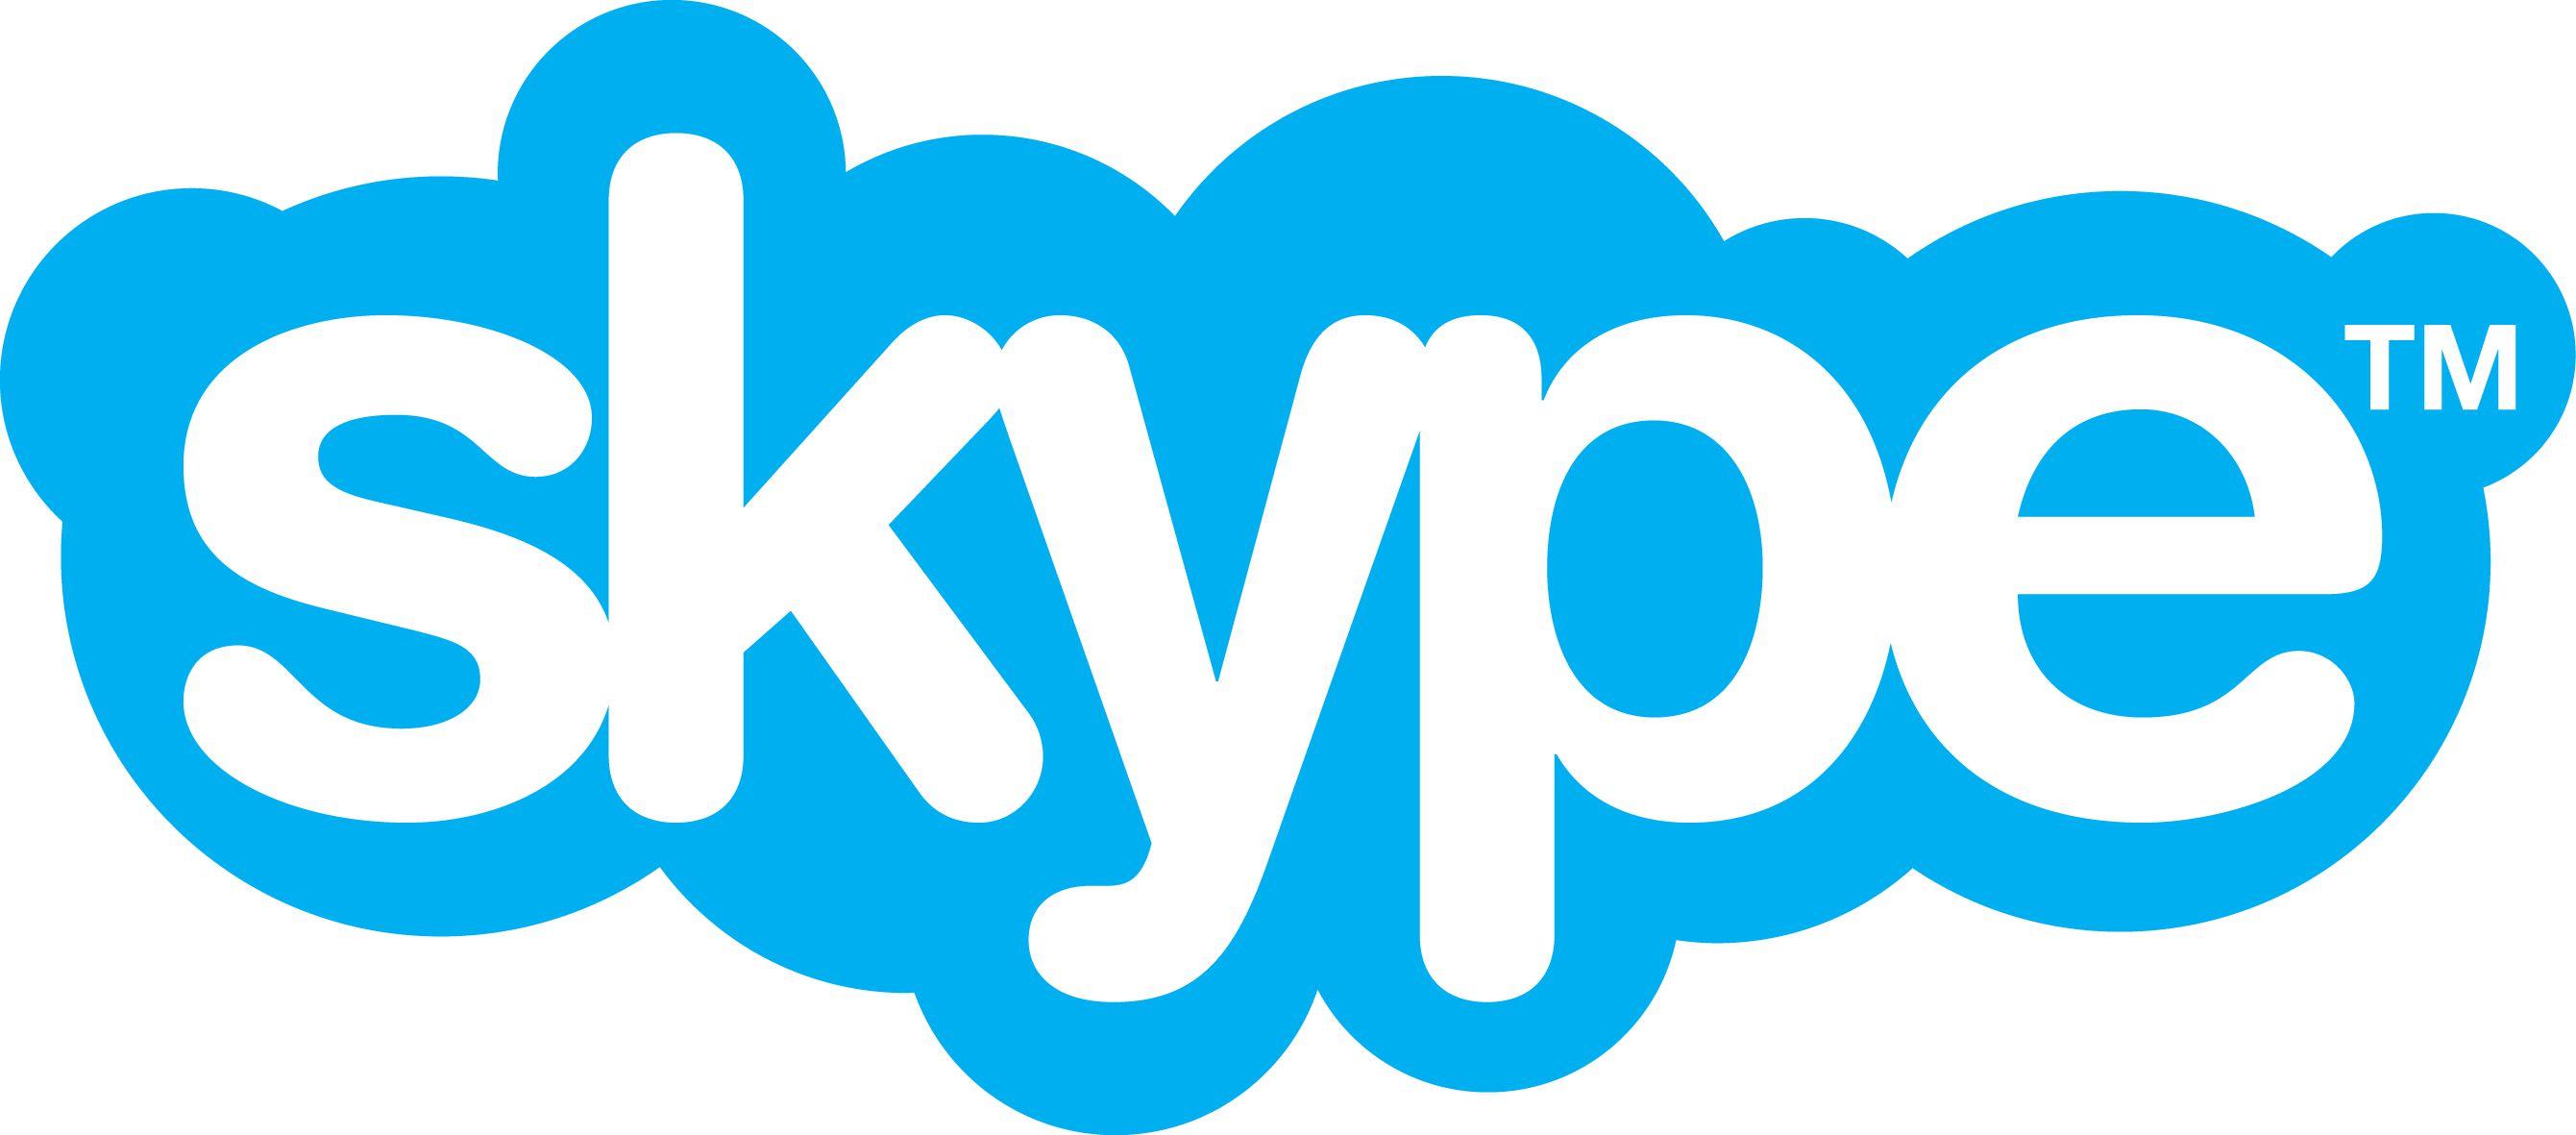 Skype_std_use_logo_pos_col_rgb-40.jpg?nocache=1317038920553